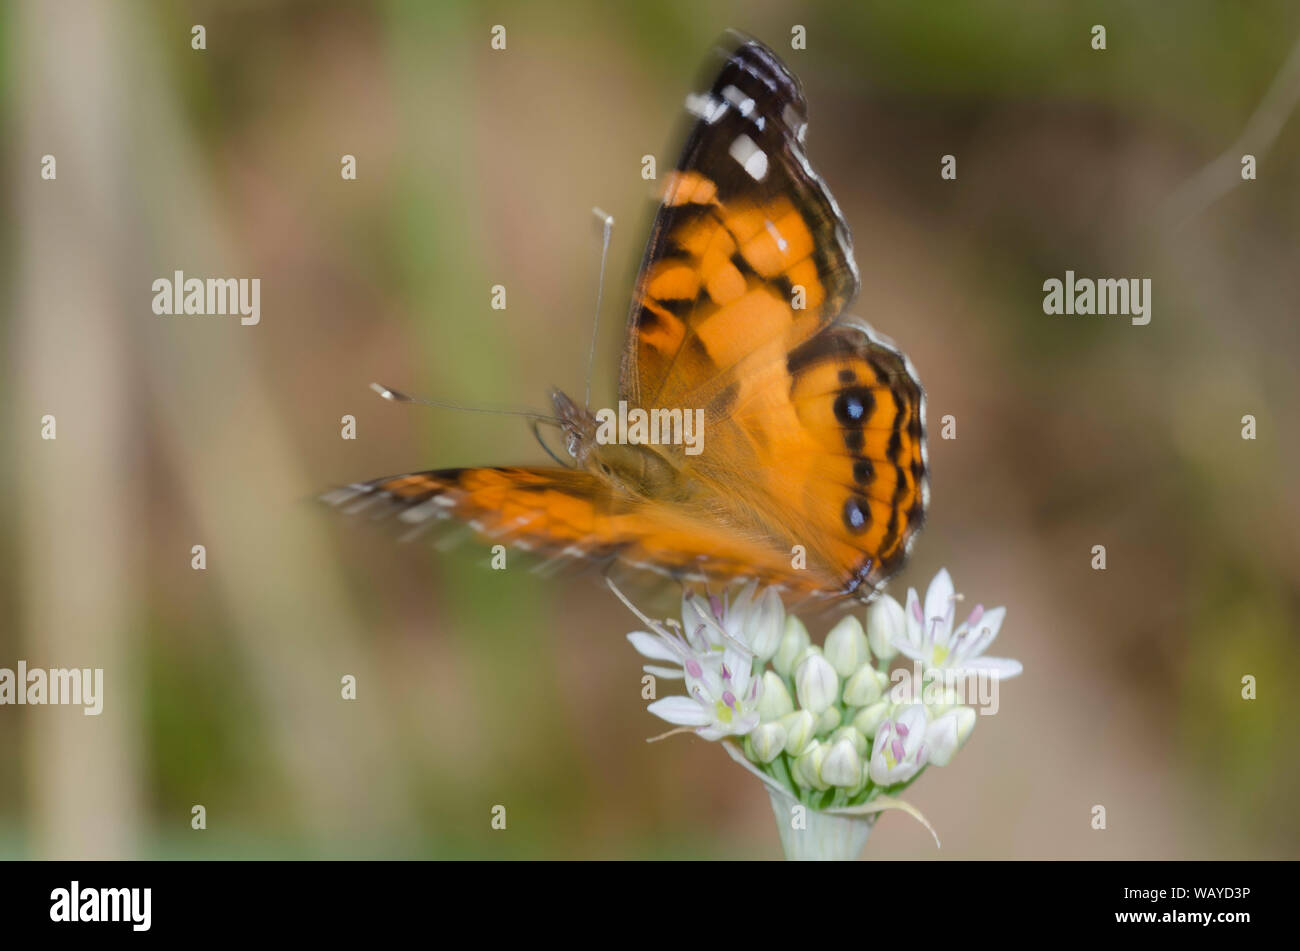 La señora americana, Vanessa virginiensis, tomando vuelo después nectaring pradera de ajo, Allium canadense Foto de stock